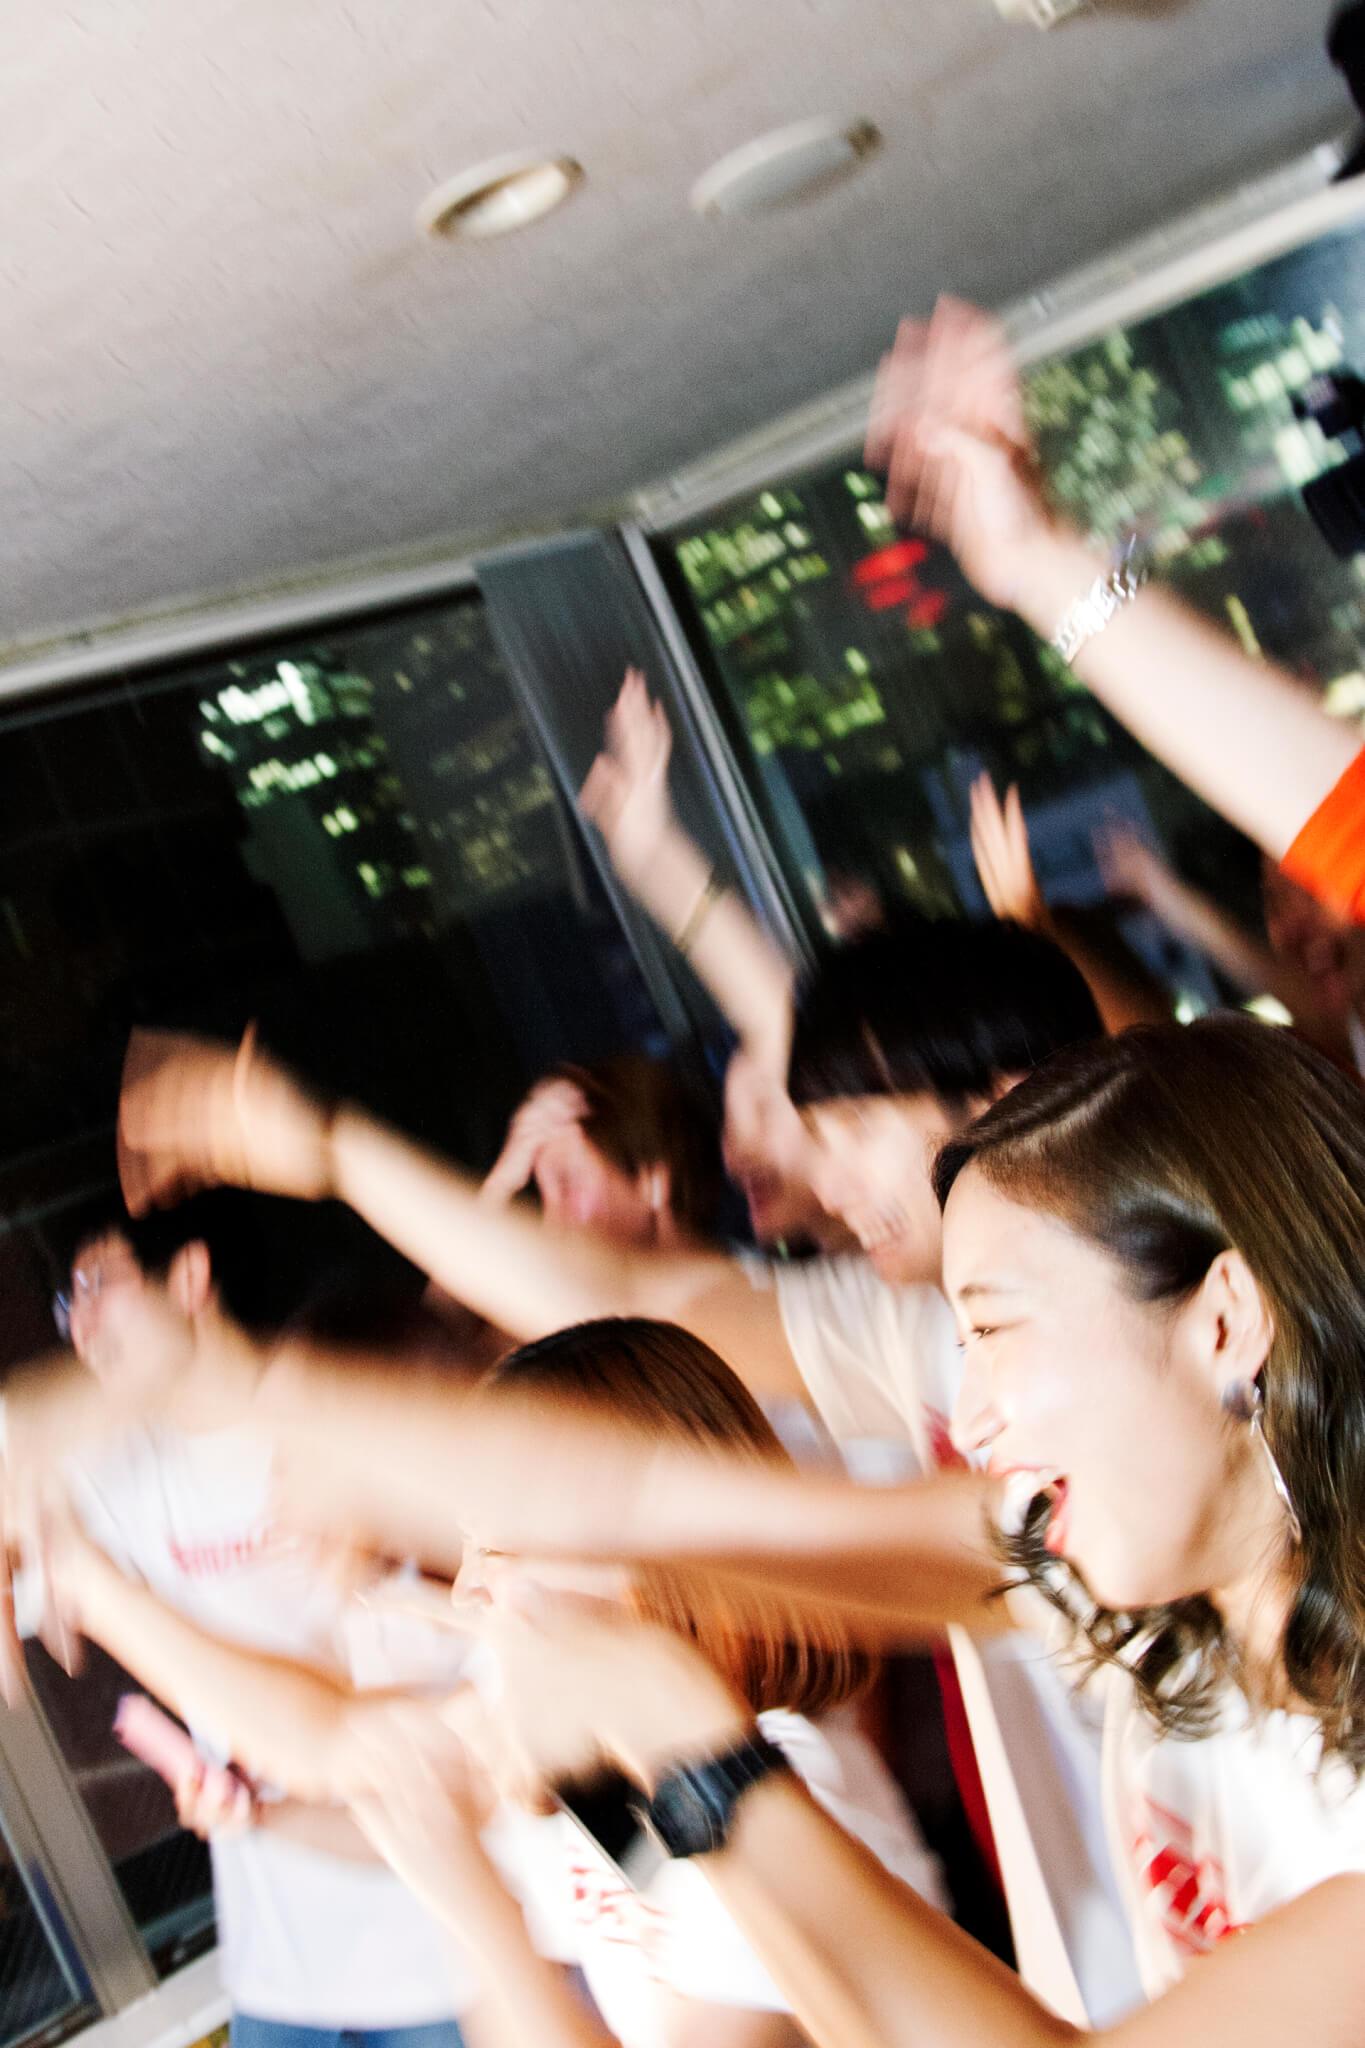 コウキシン女子の初体験 vol.11 まりりん:LOST IN KARAOKE@新宿カラオケ館 column181011-red-bull-music-festival-tokyo-2018-lost-in-karaoke-22